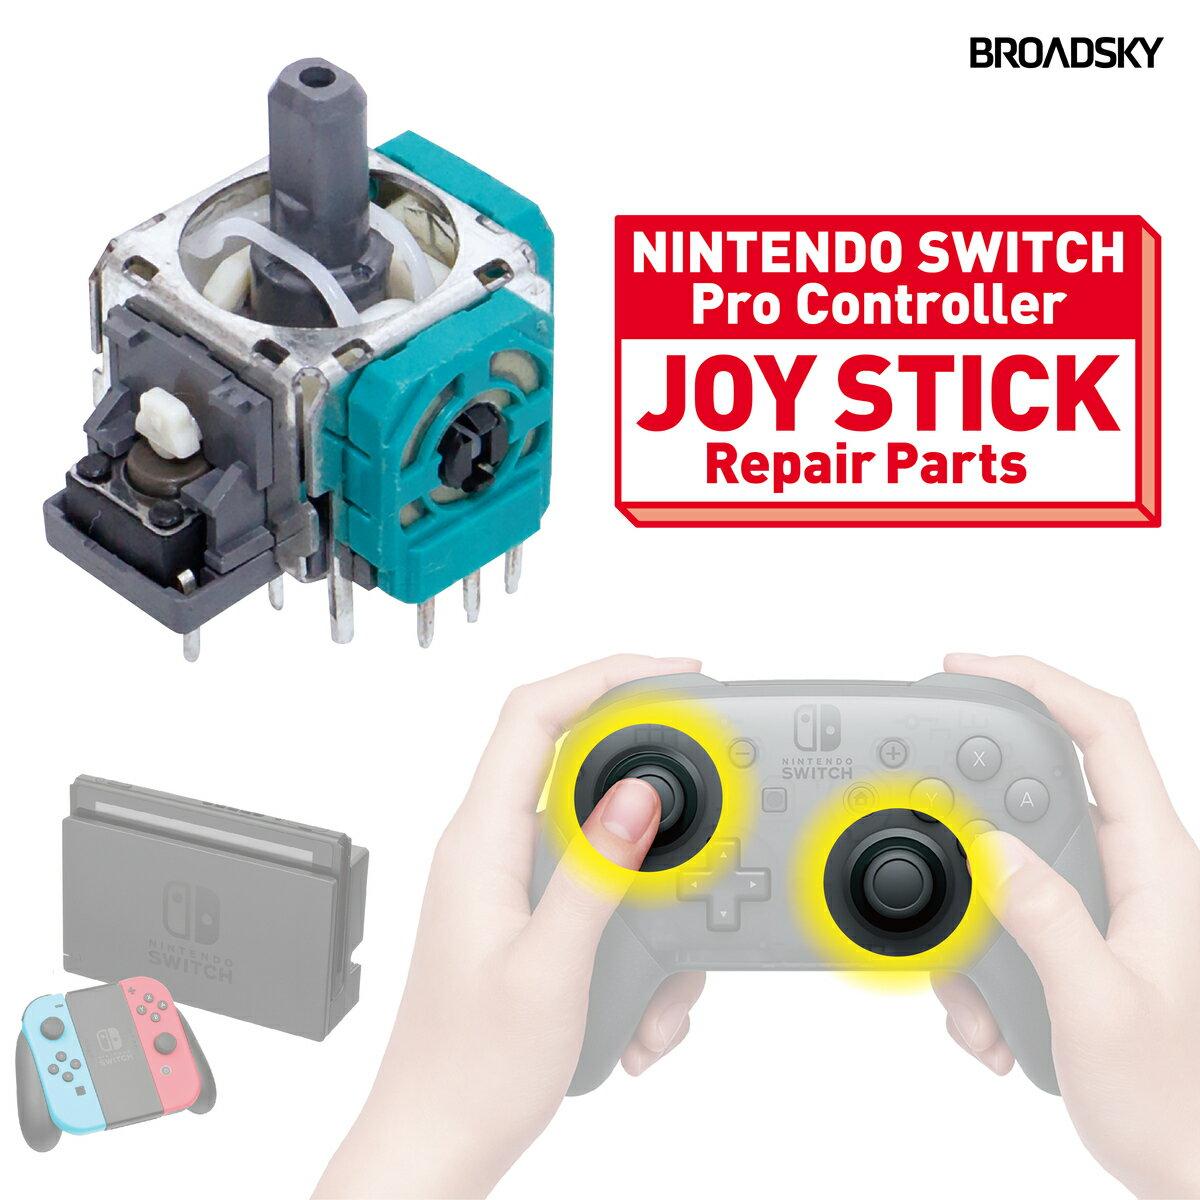 Nintendo SWITCH Proコントローラー ジョイスティック 交換 修理パーツ